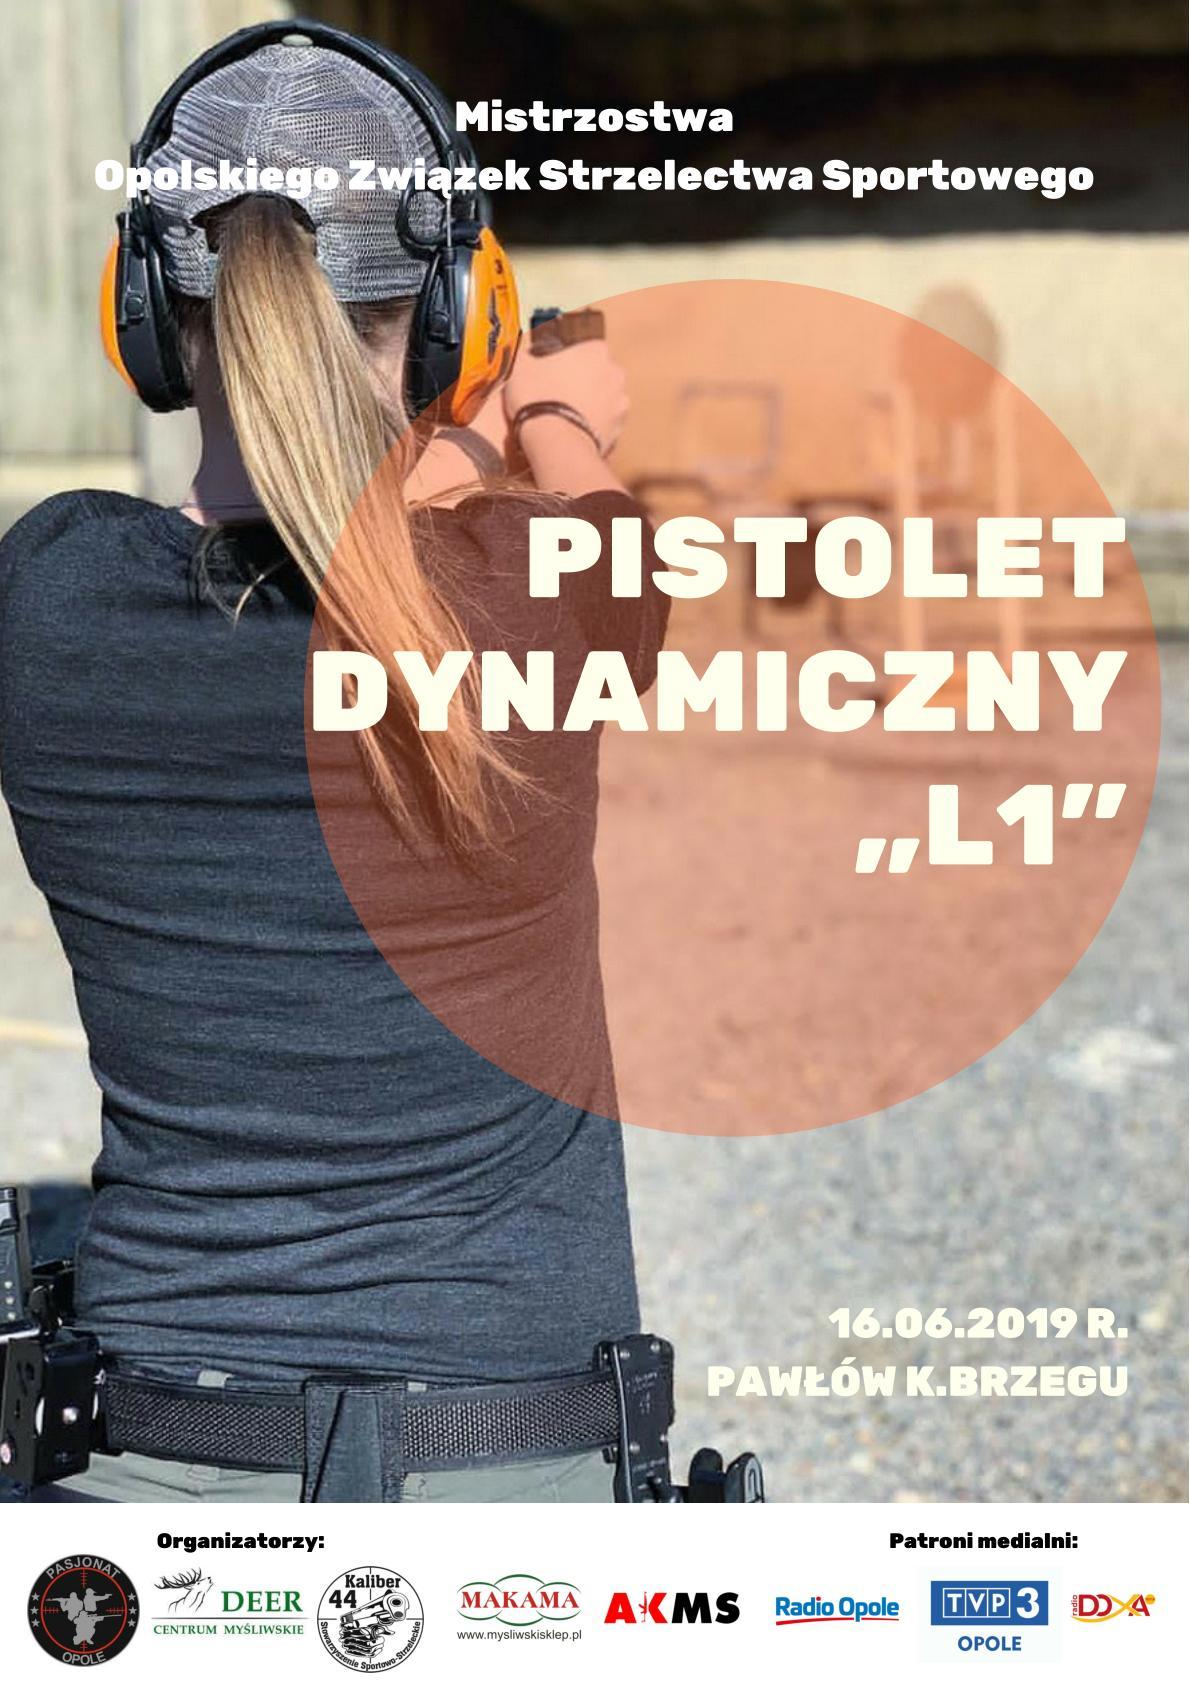 """Plakat Mistrzostw Opolskiego Związek Strzelectwa Sportowego w strzelaniu dynamicznym pistolet """"L1"""".-1 1"""